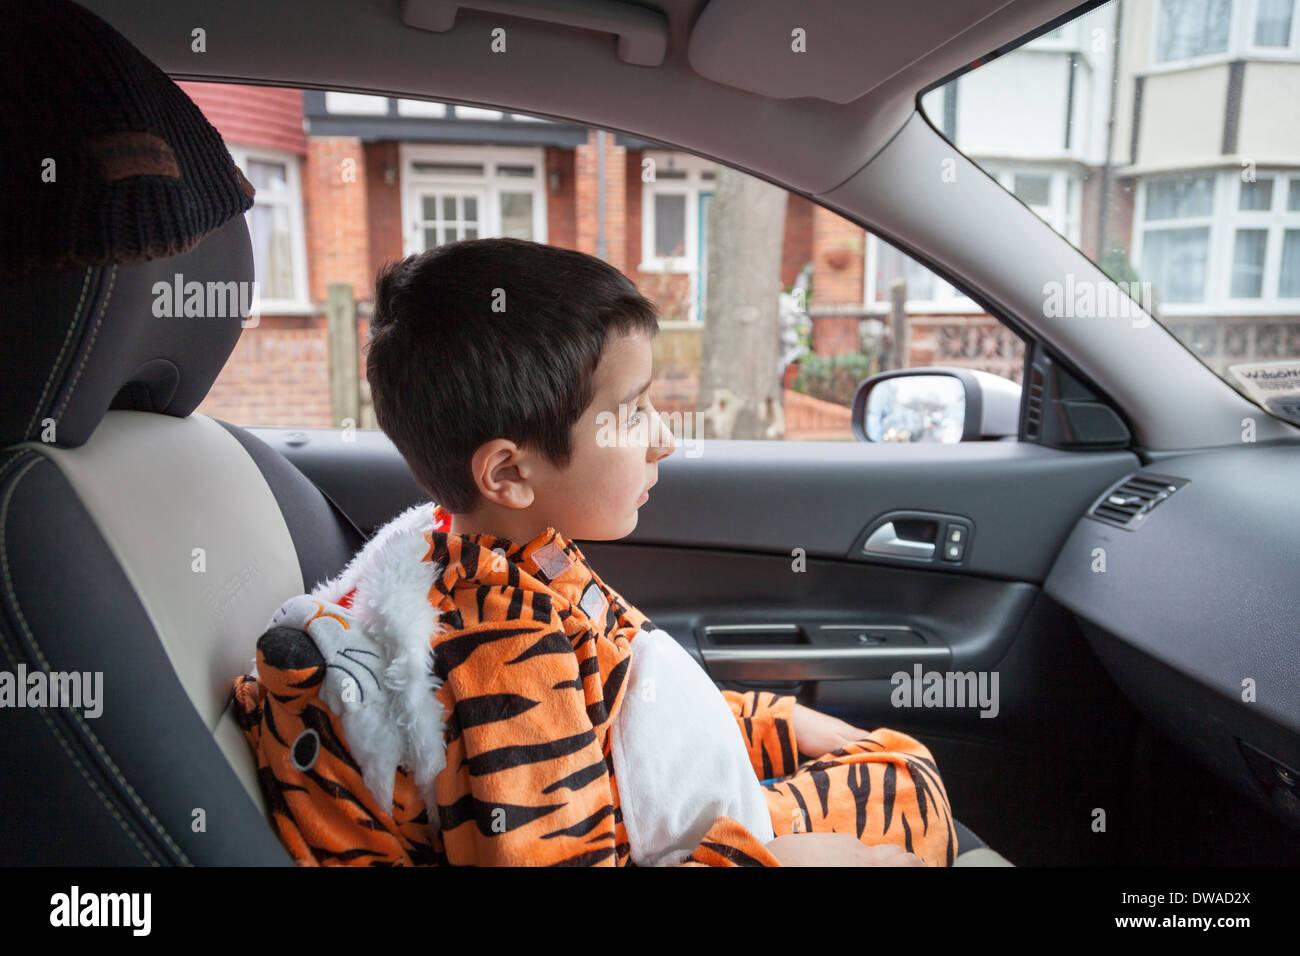 Niño sentado en un coche ,vestida con traje de tigre Imagen De Stock